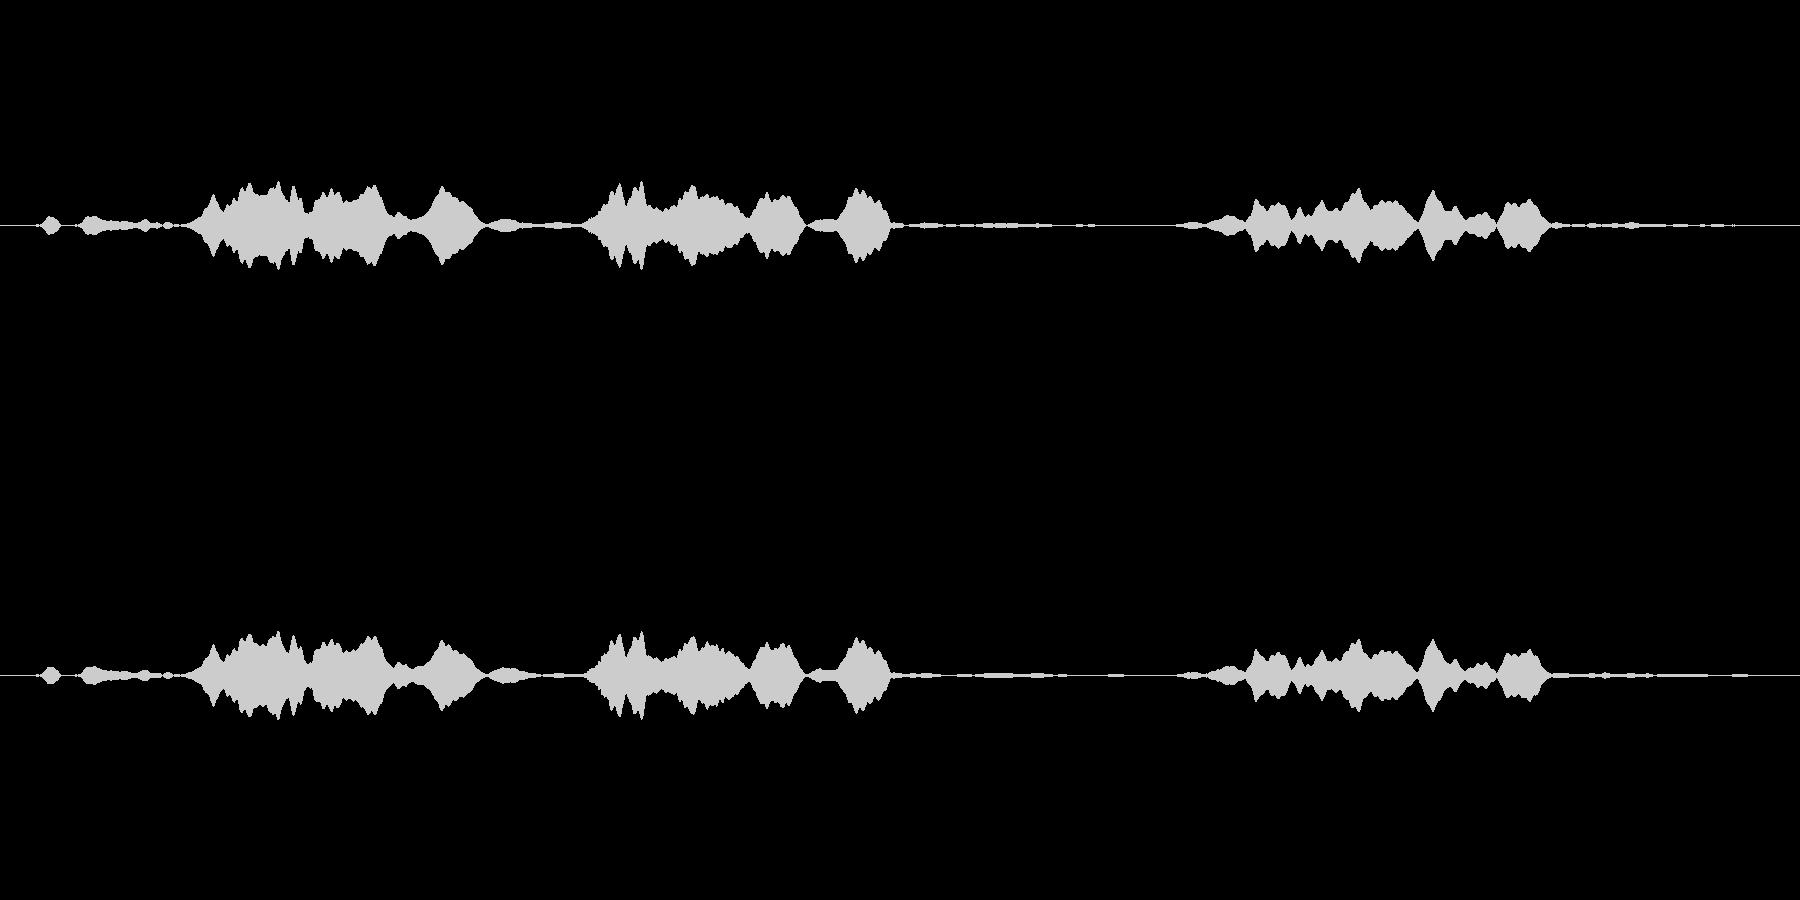 ピーピヨ♪大瑠璃、おおるりの鳴き声02の未再生の波形